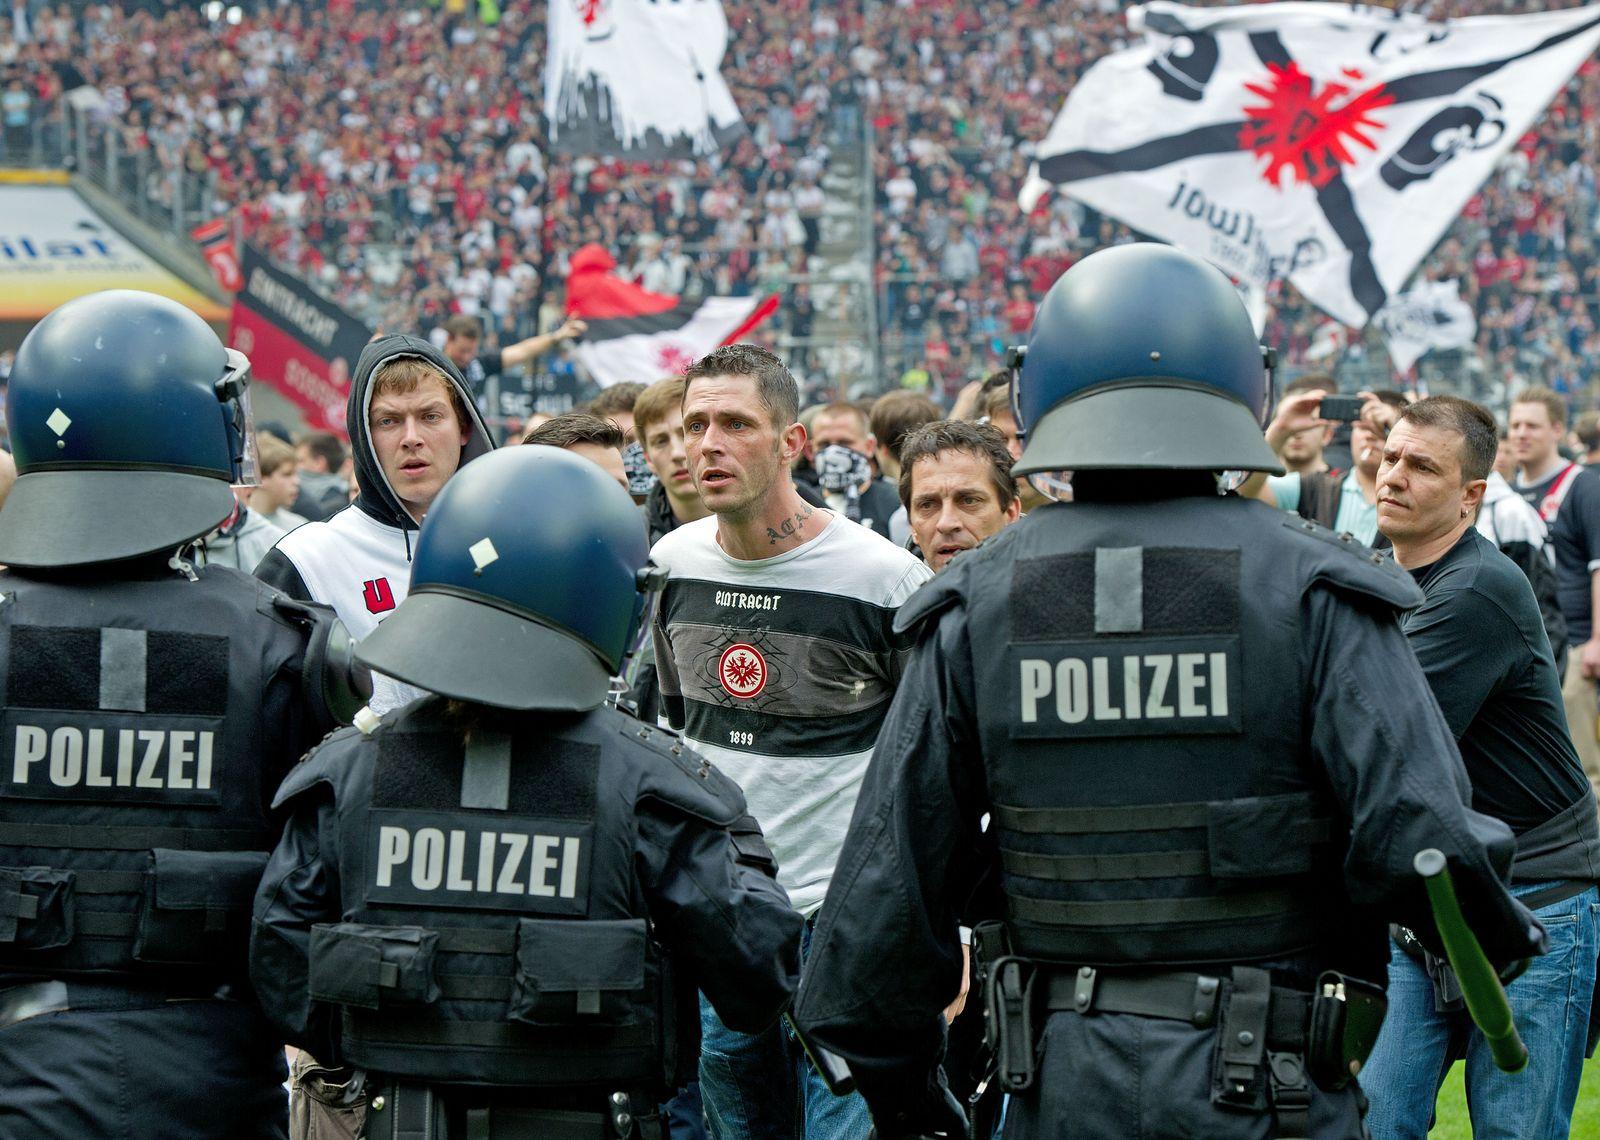 NICHT VERWENDEN Frankfurt Fans vs. Polizei